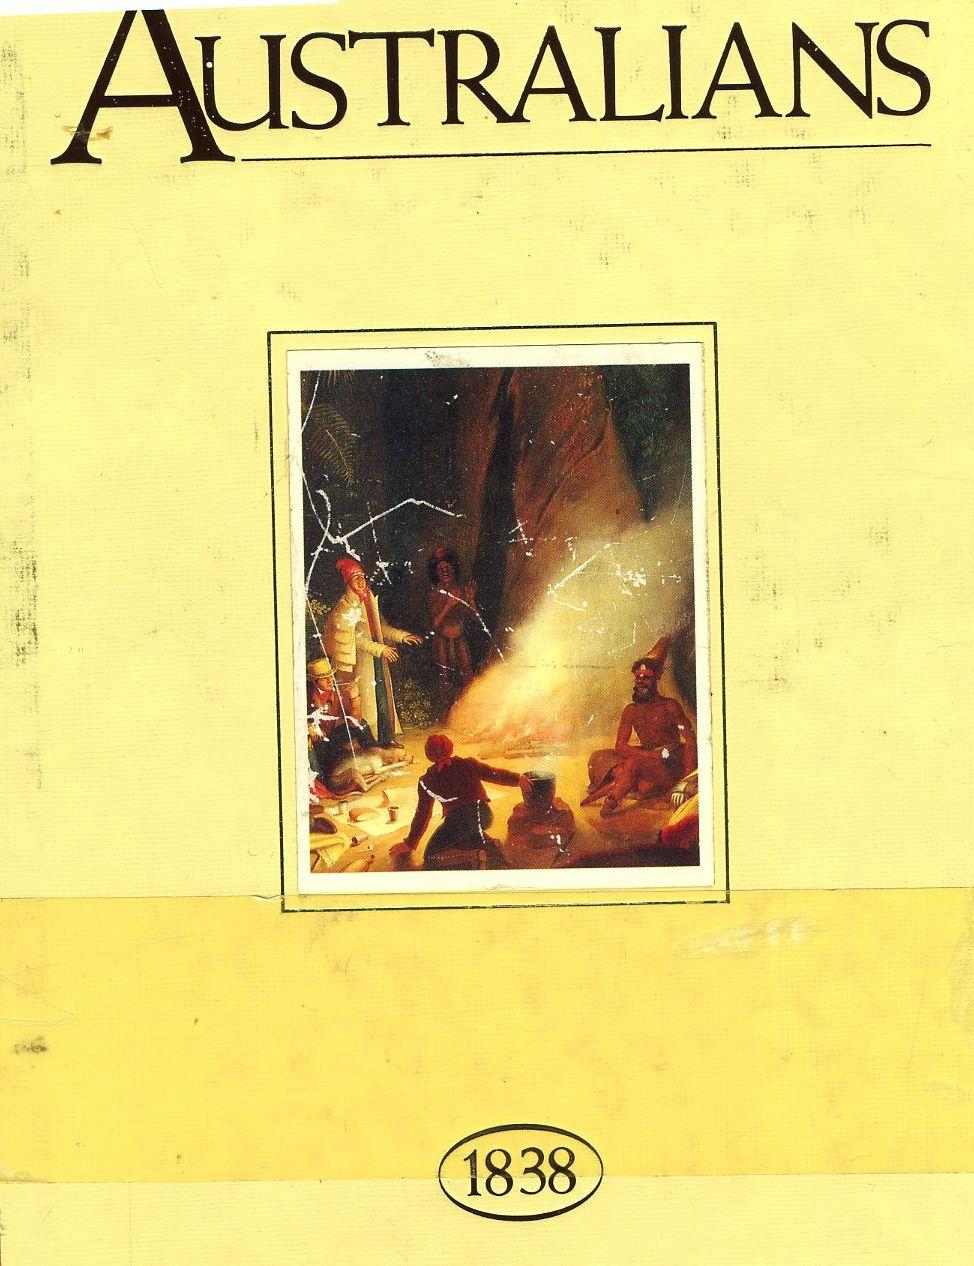 Mon, 04/23/2012 archives